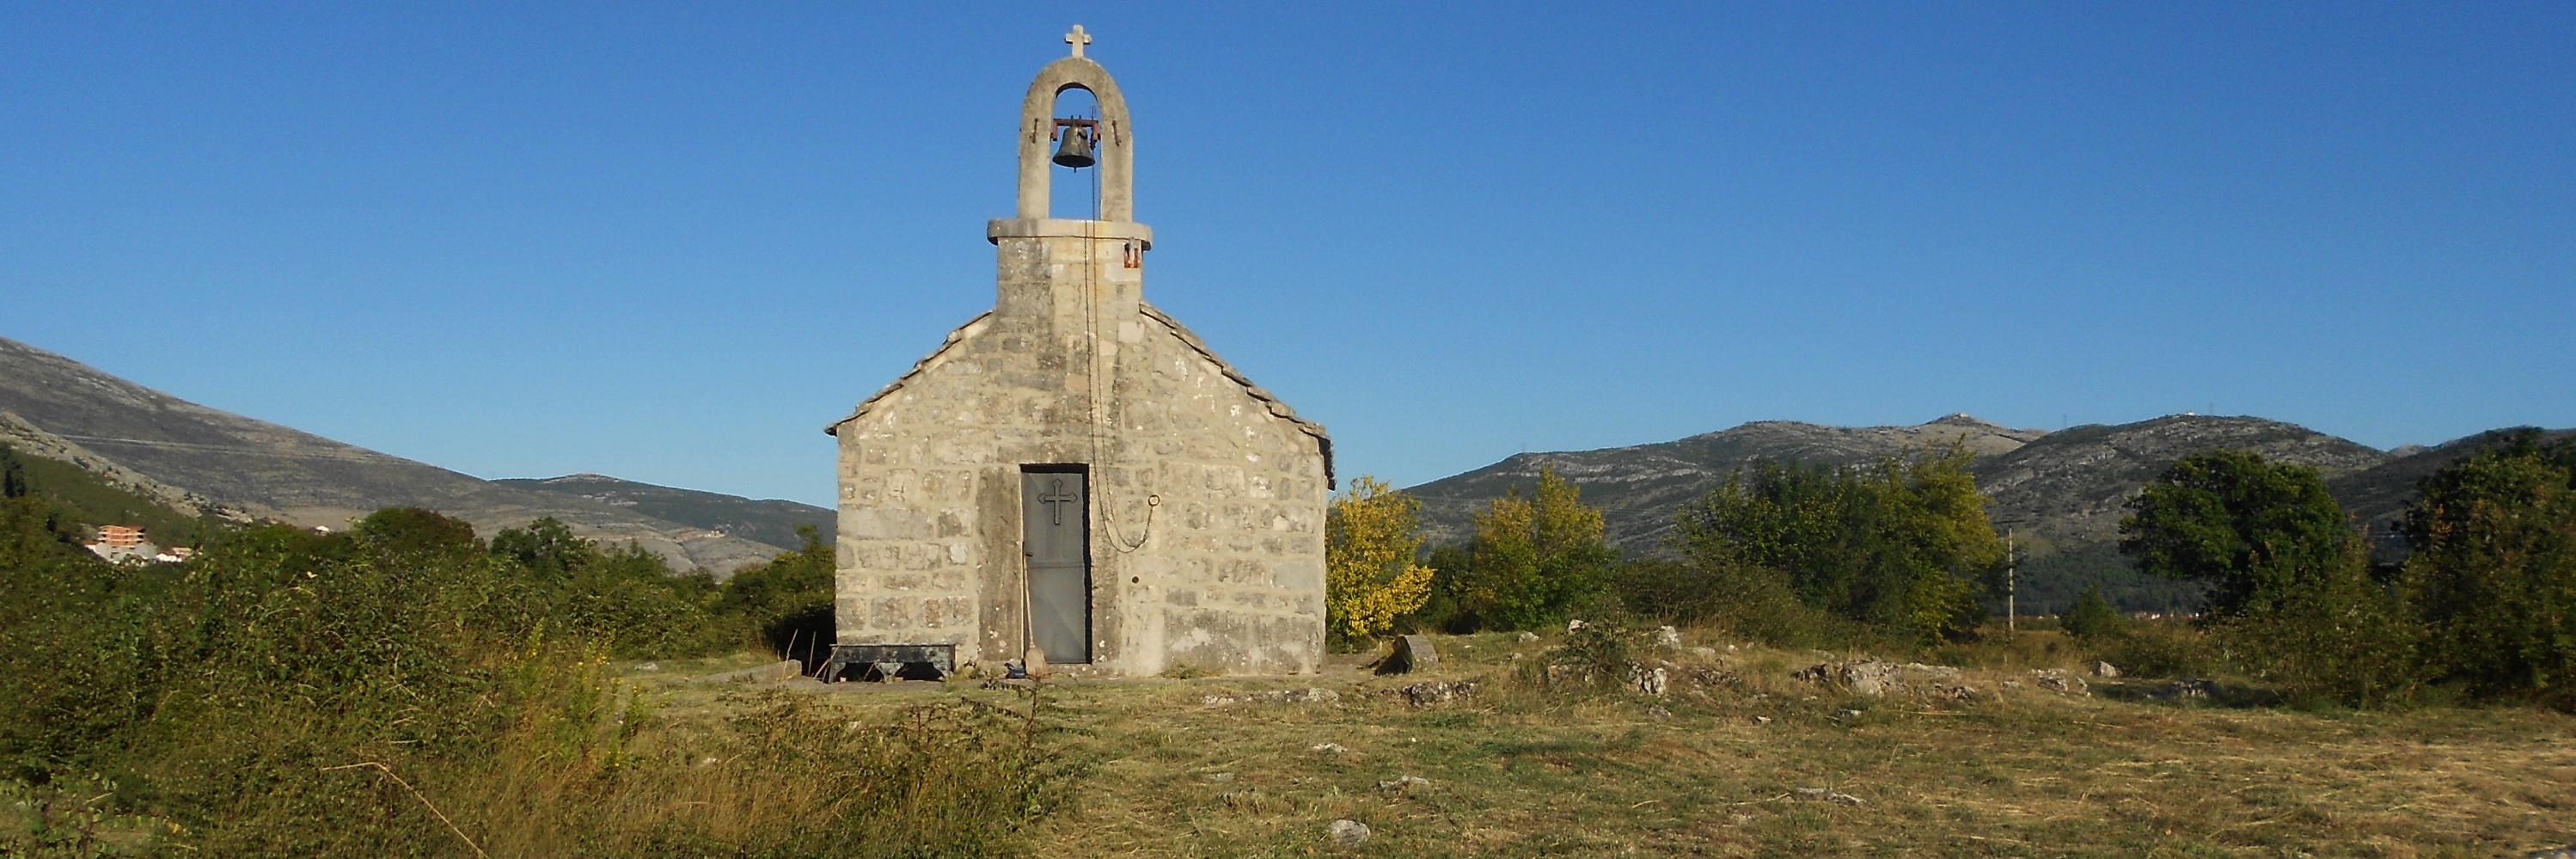 Церковь св. Петки в Мостачах